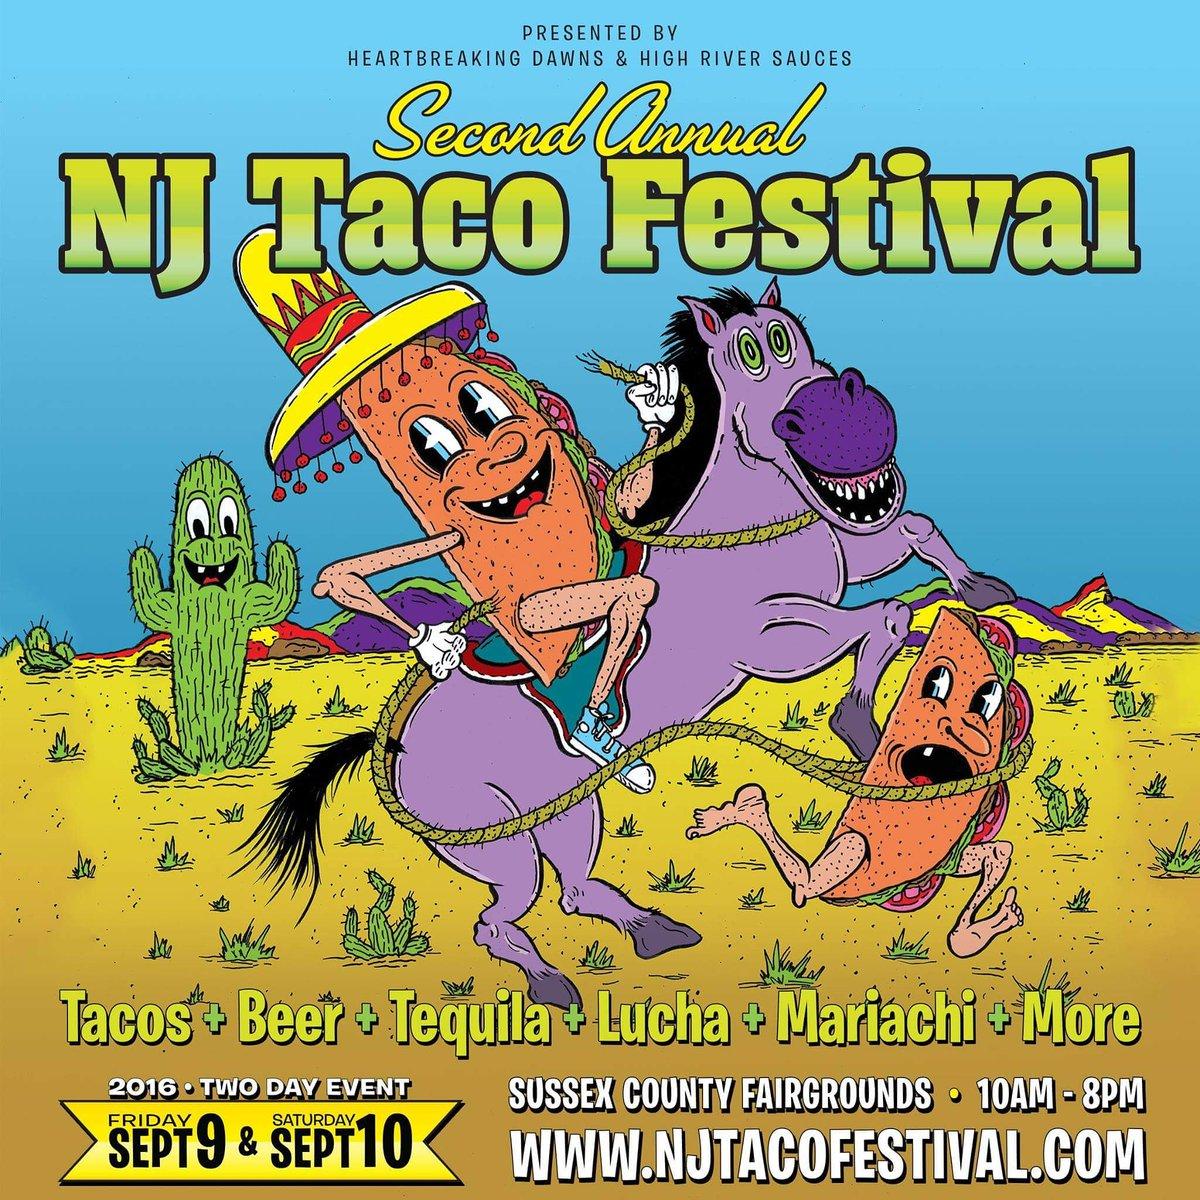 2nd Annual NJ Taco Festival